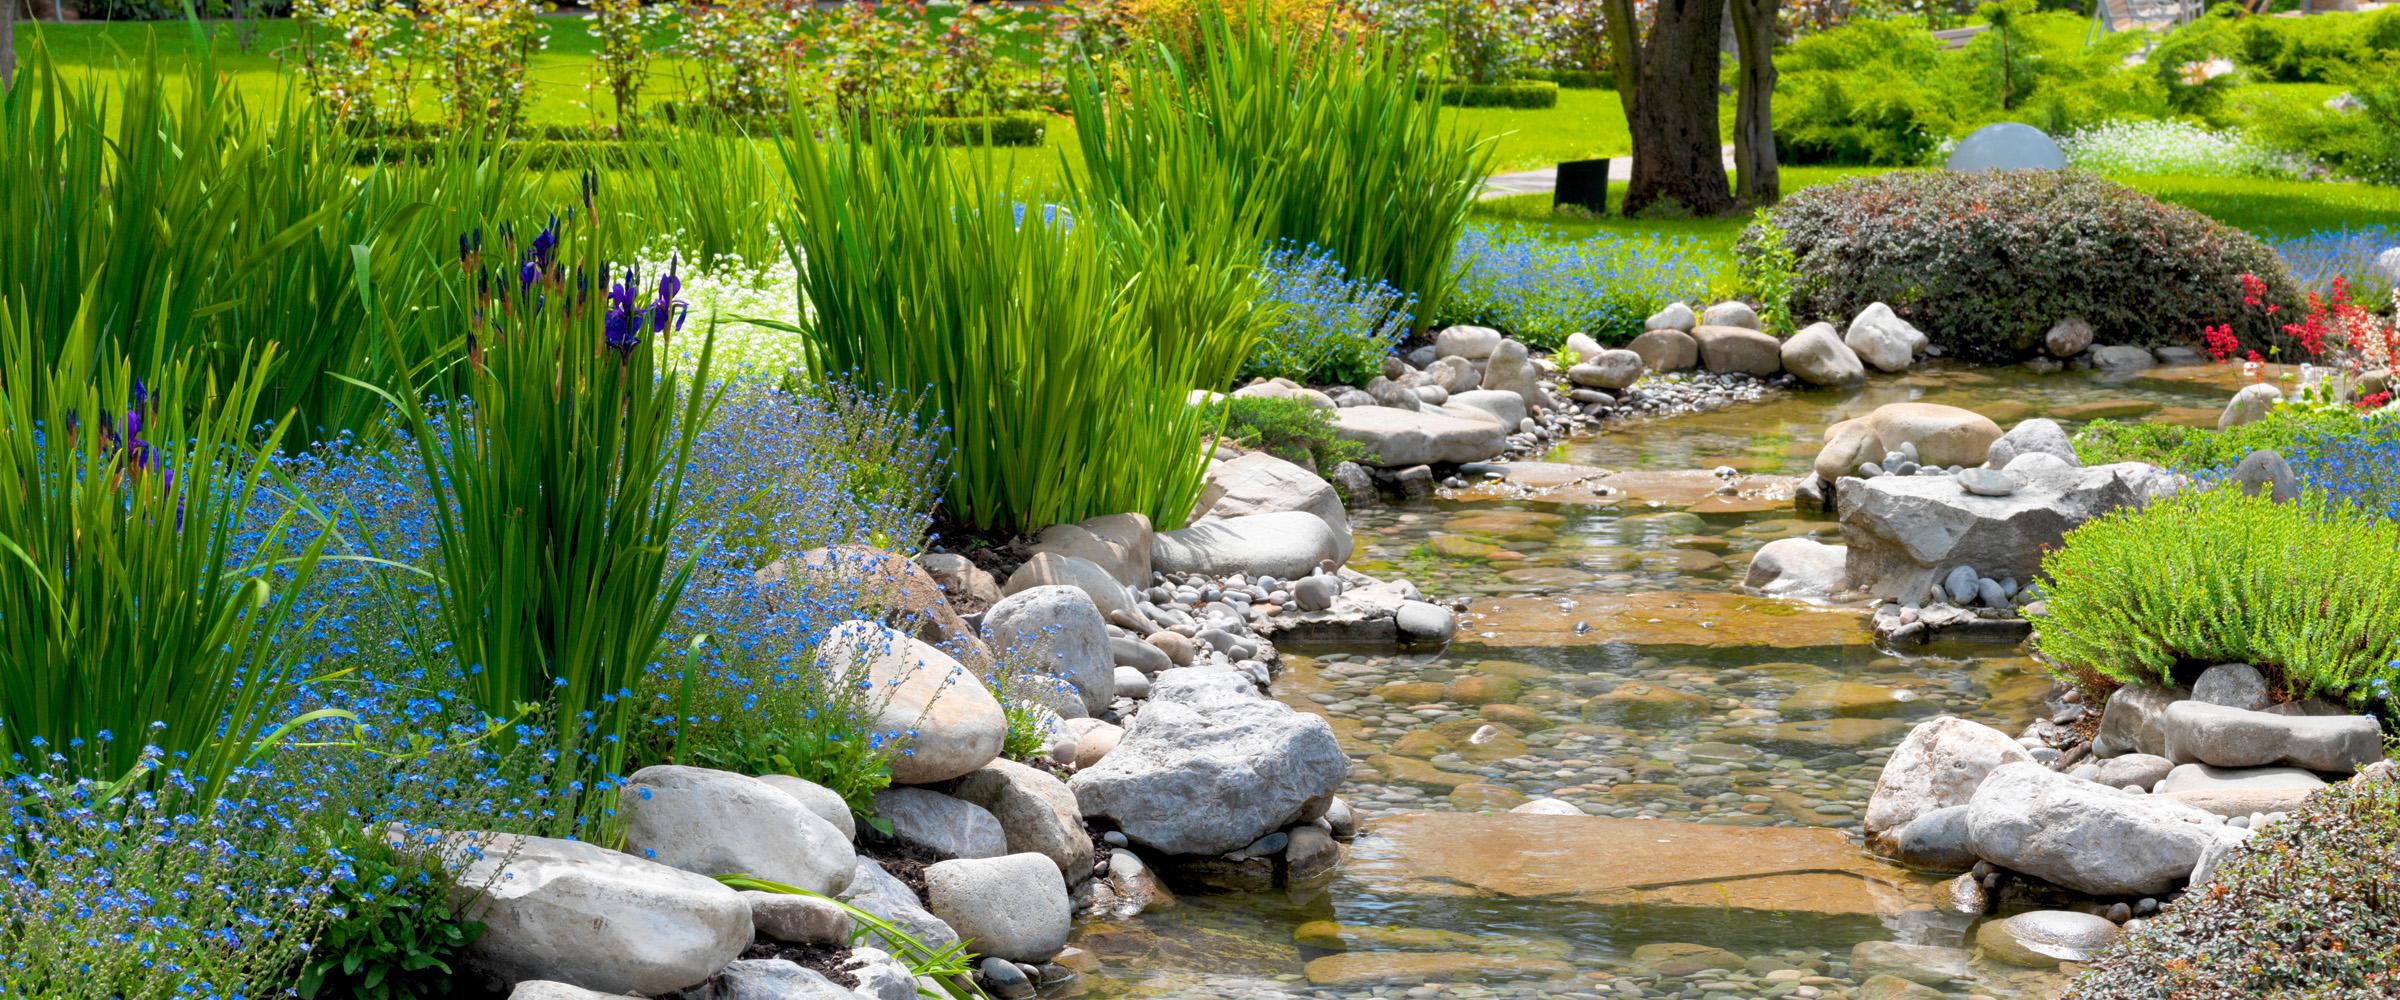 Wir Stehen Ihnen Mit Rat Und Tat Zur Seite, Solch Einen U201eWunschgartenu201c Zu  Entwerfen Und Zu Realisieren. Anspruchsvolle Gartengestaltung ...